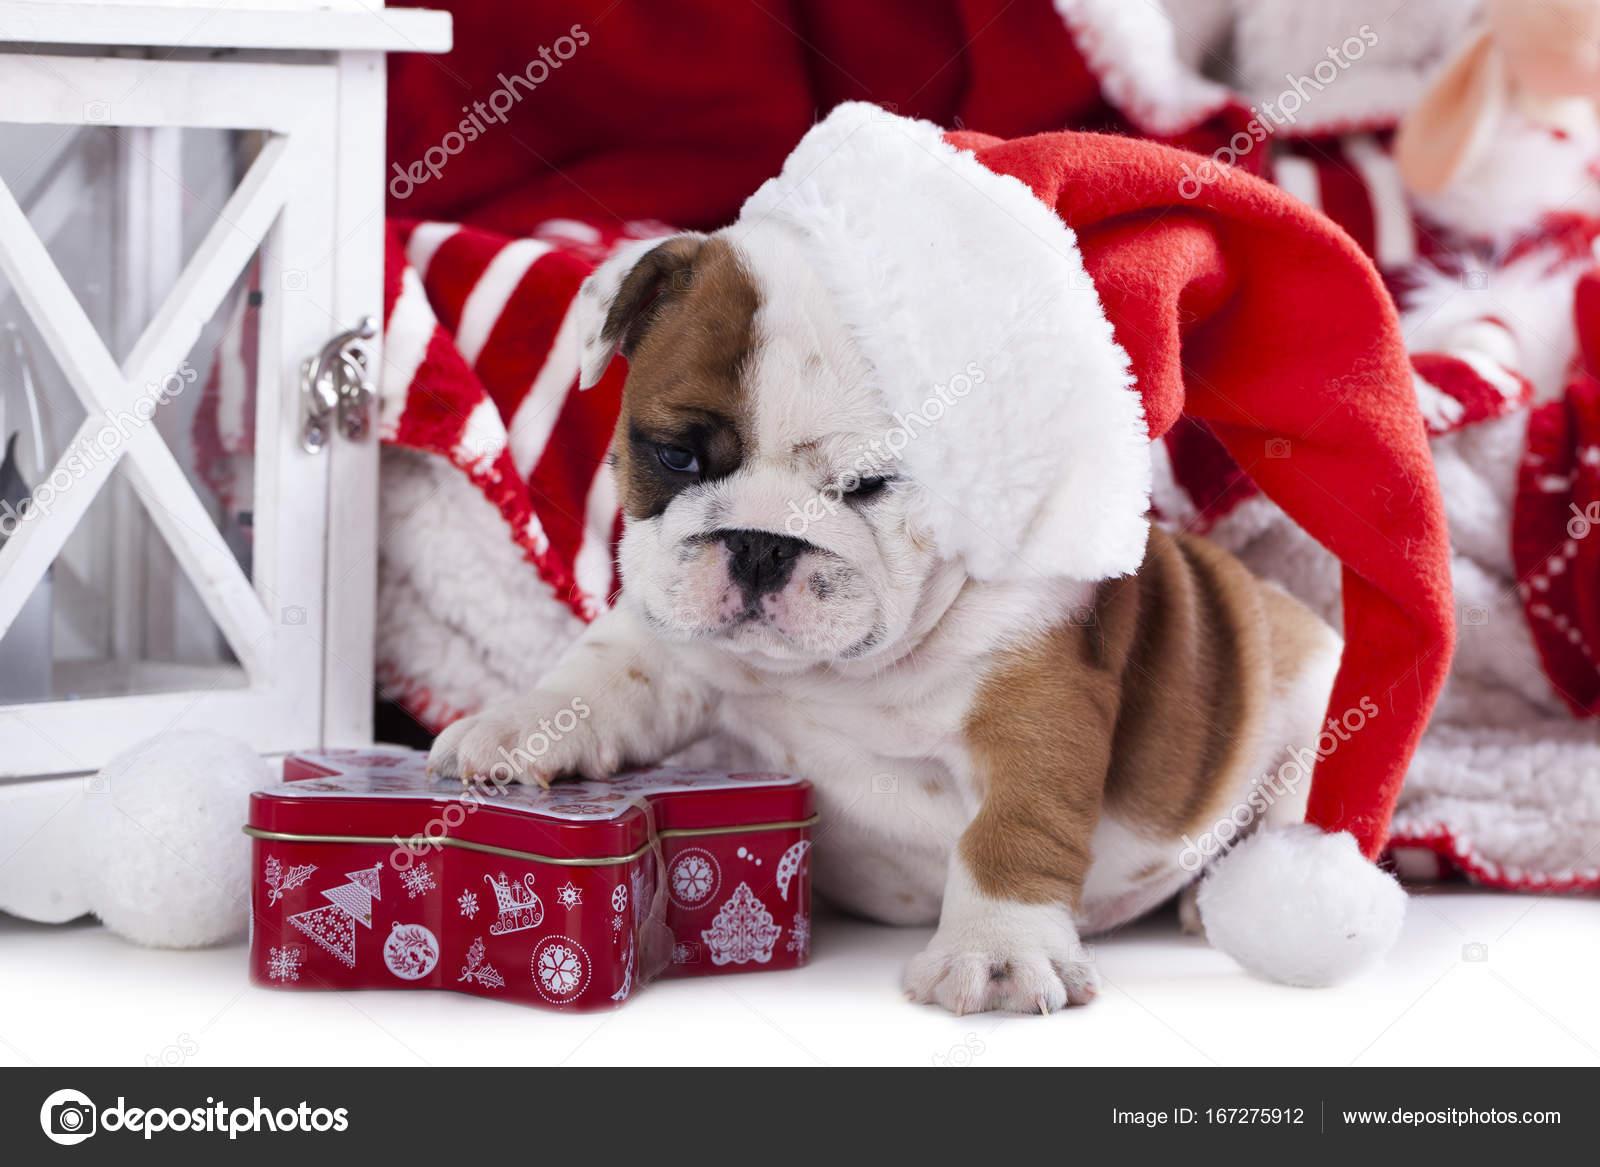 Weihnachten Englische Bulldogge Welpen Stockfoto Lilunli 167275912